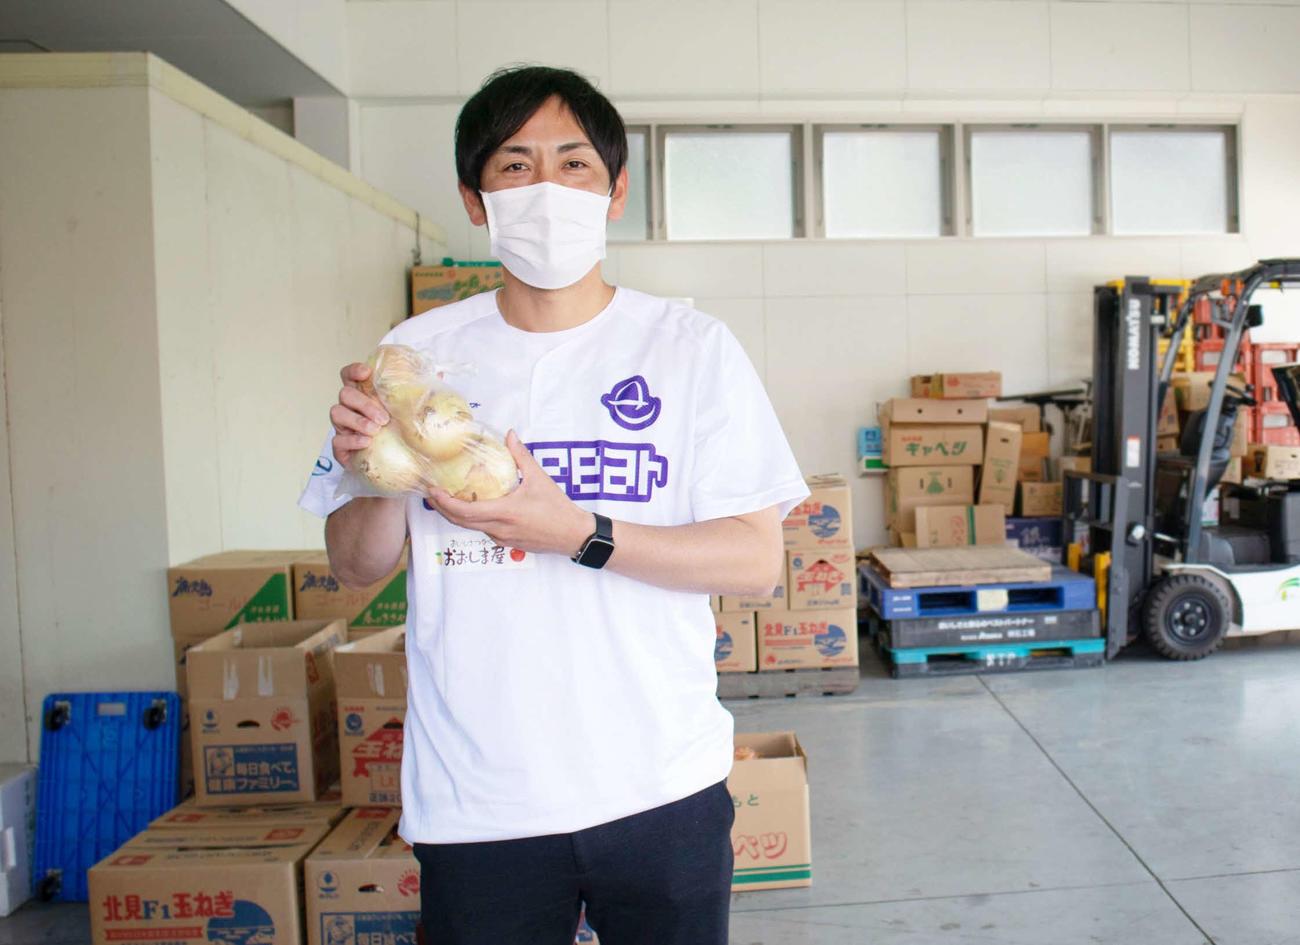 熊本の農業を盛り上げようと動く元ロッテ投手の香月良仁氏